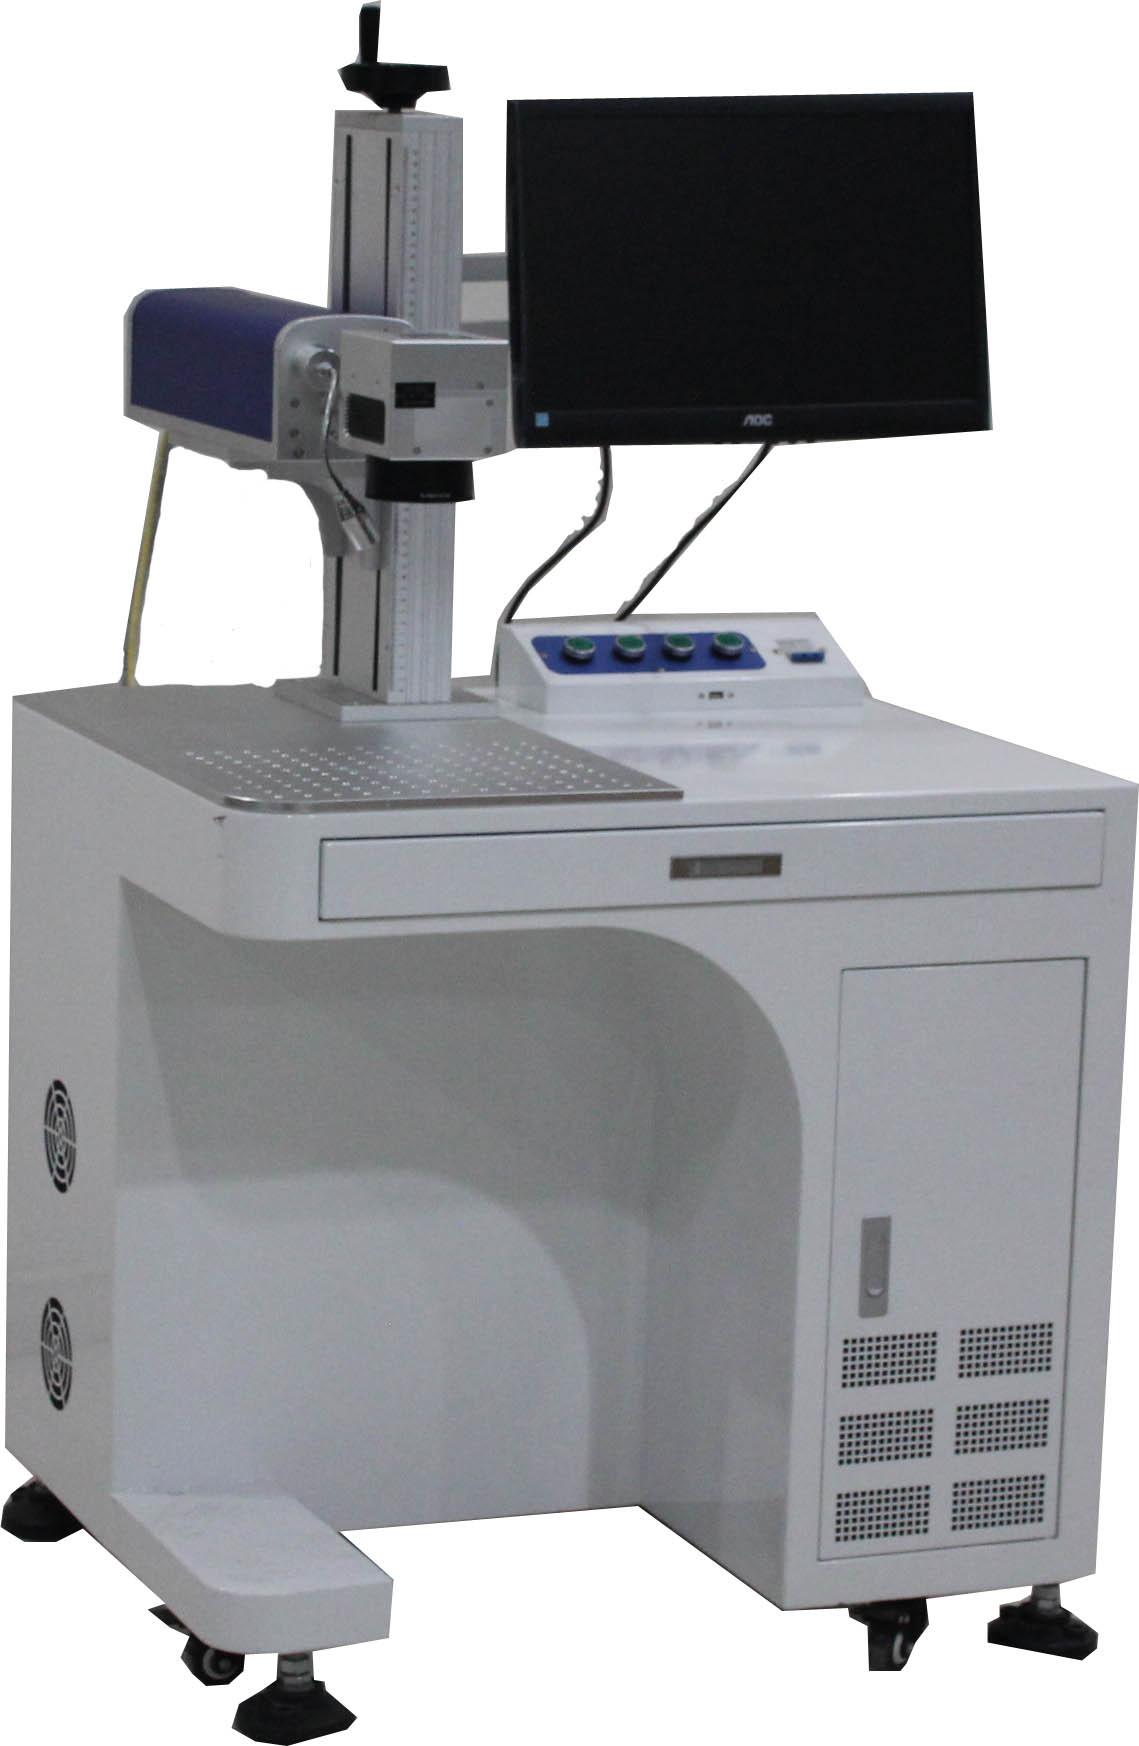 南昌激光打标机销售南昌激光打标加工